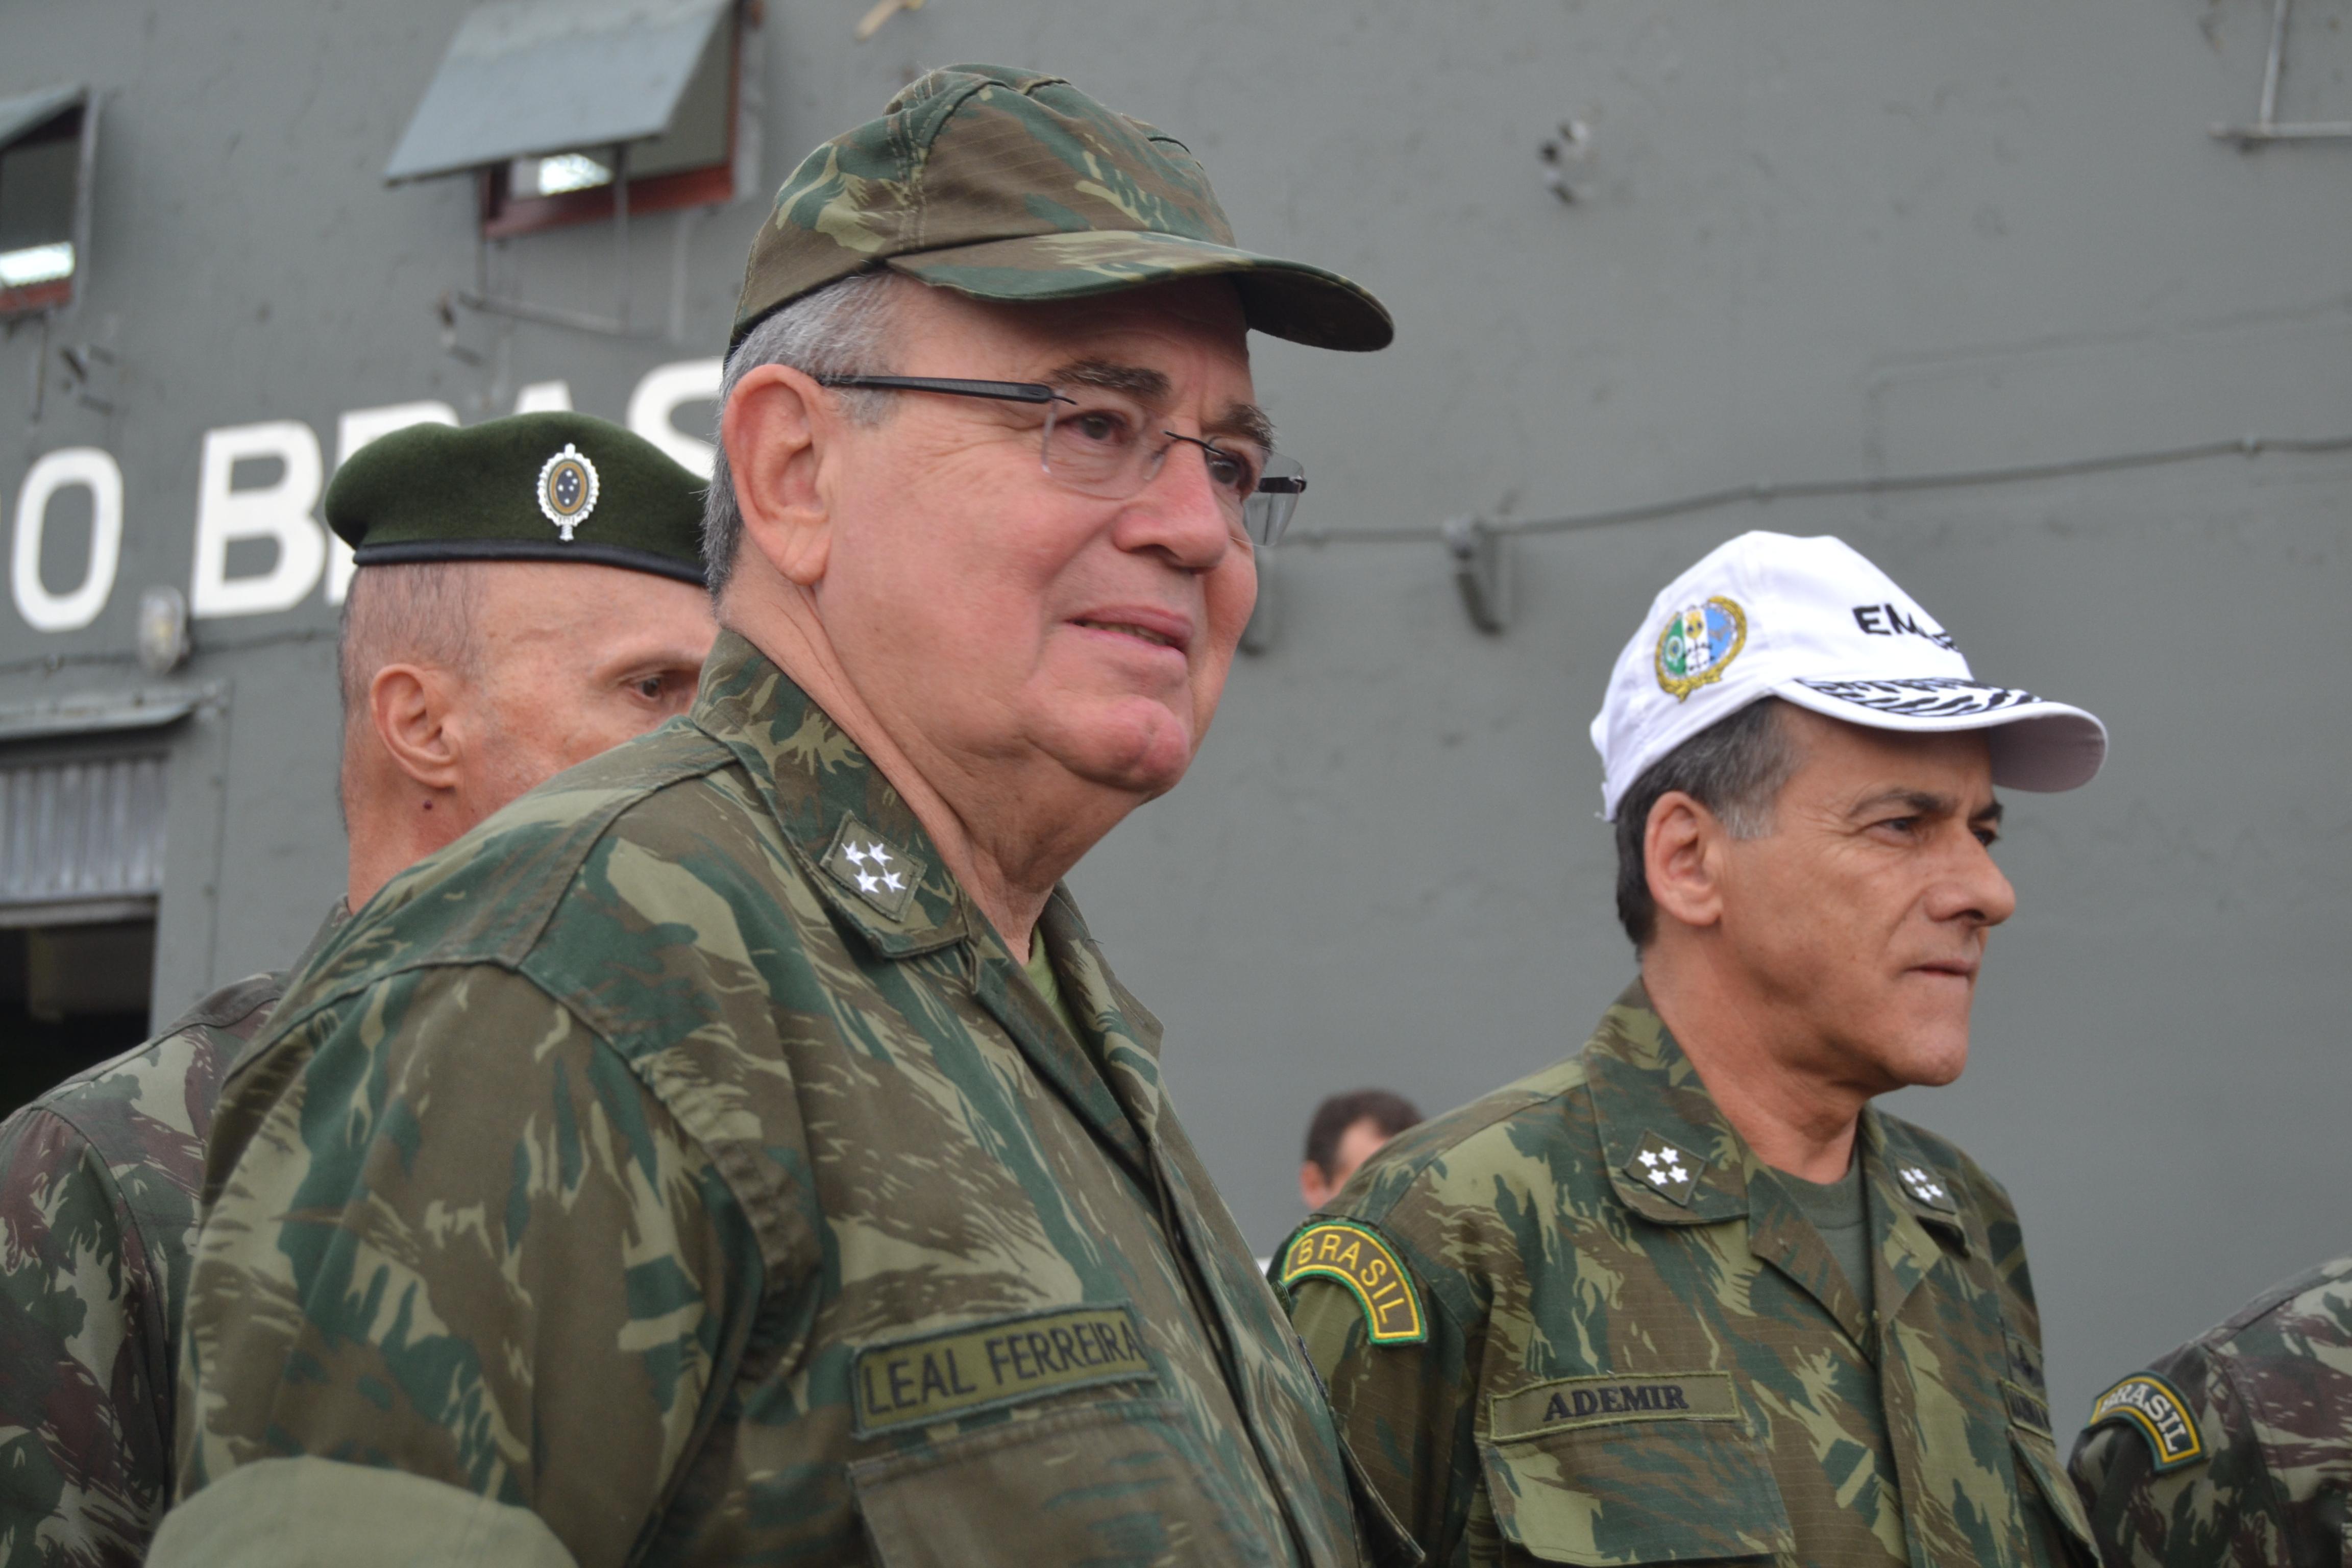 EXCLUSIVO: Volta da corveta 'Jaceguai' à ativa prova que a recuperação de meios navais é a marca positiva da gestão Leal Ferreira